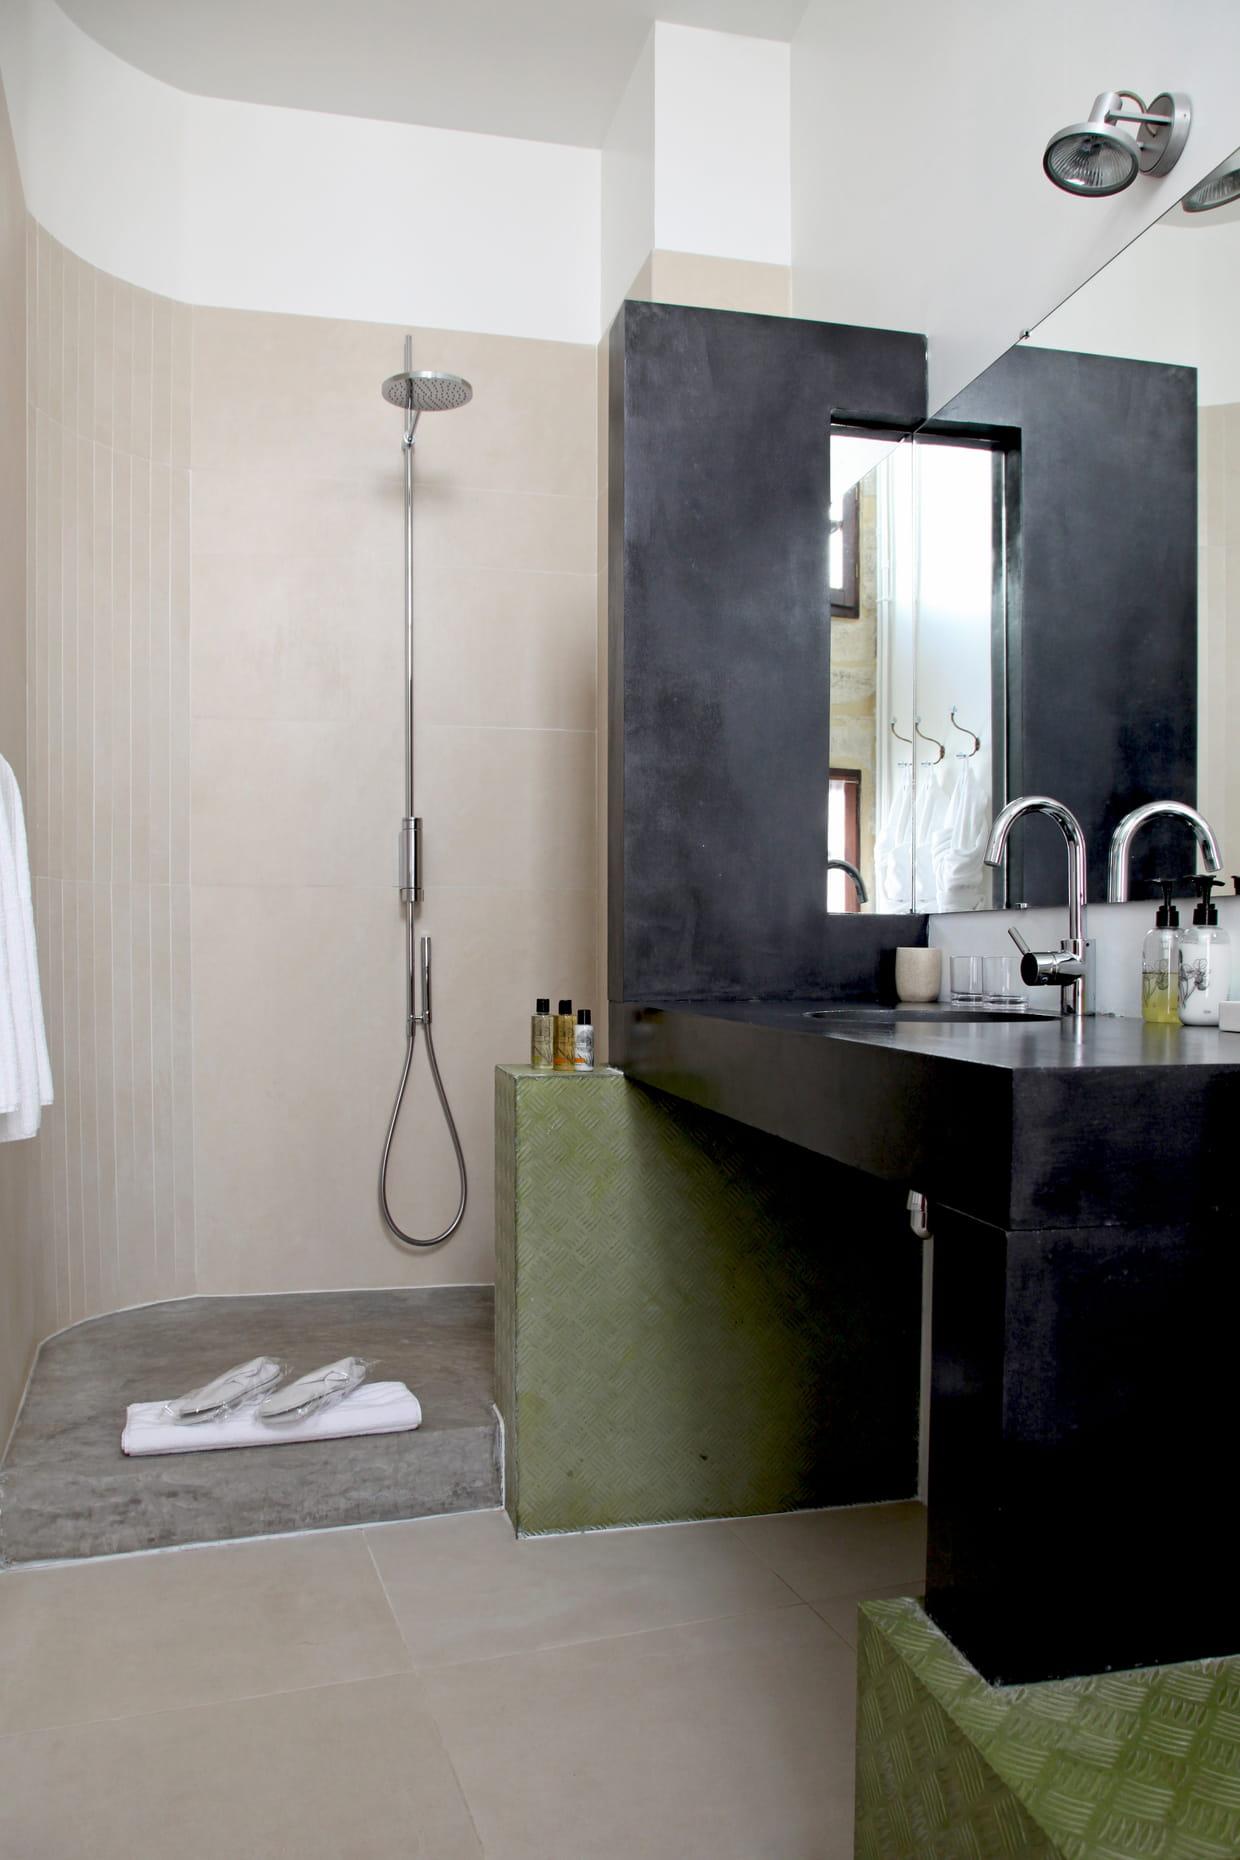 Le b ton dans la salle de bains for Comfemme nue dans la salle de bain